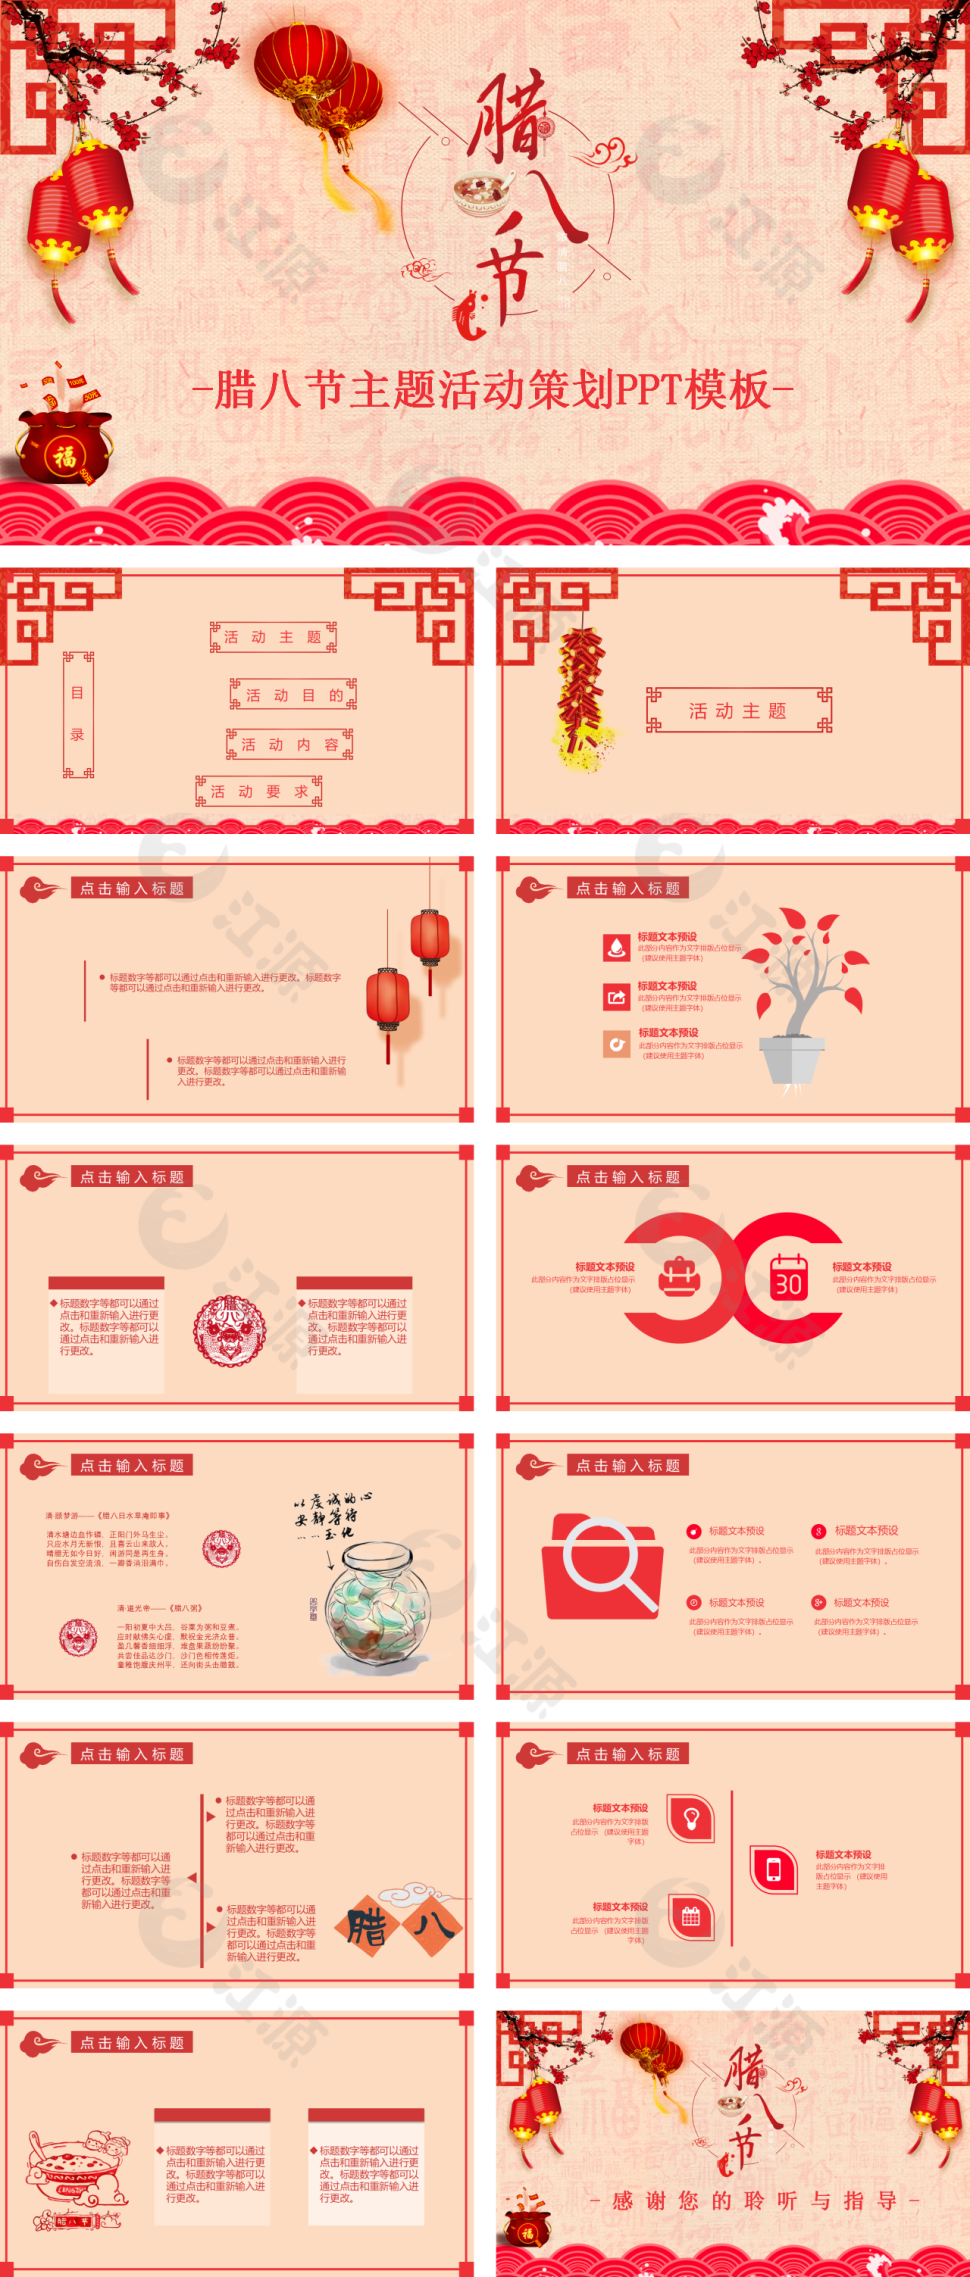 红色灯笼风格腊八节主题活动策划PPT模板